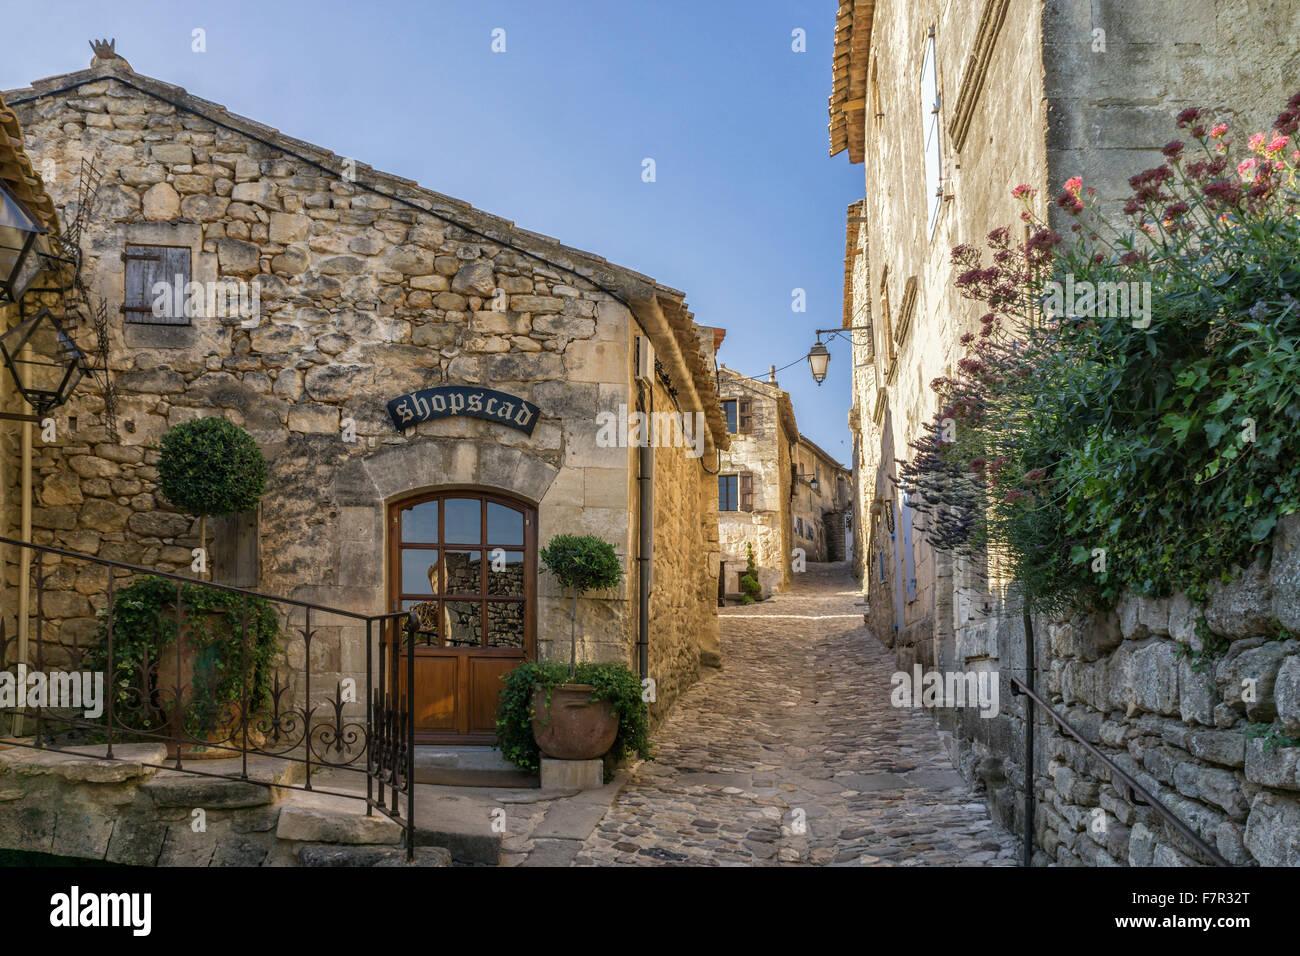 Dorfstraße in Lacoste, Provence, Frankreich Stockbild